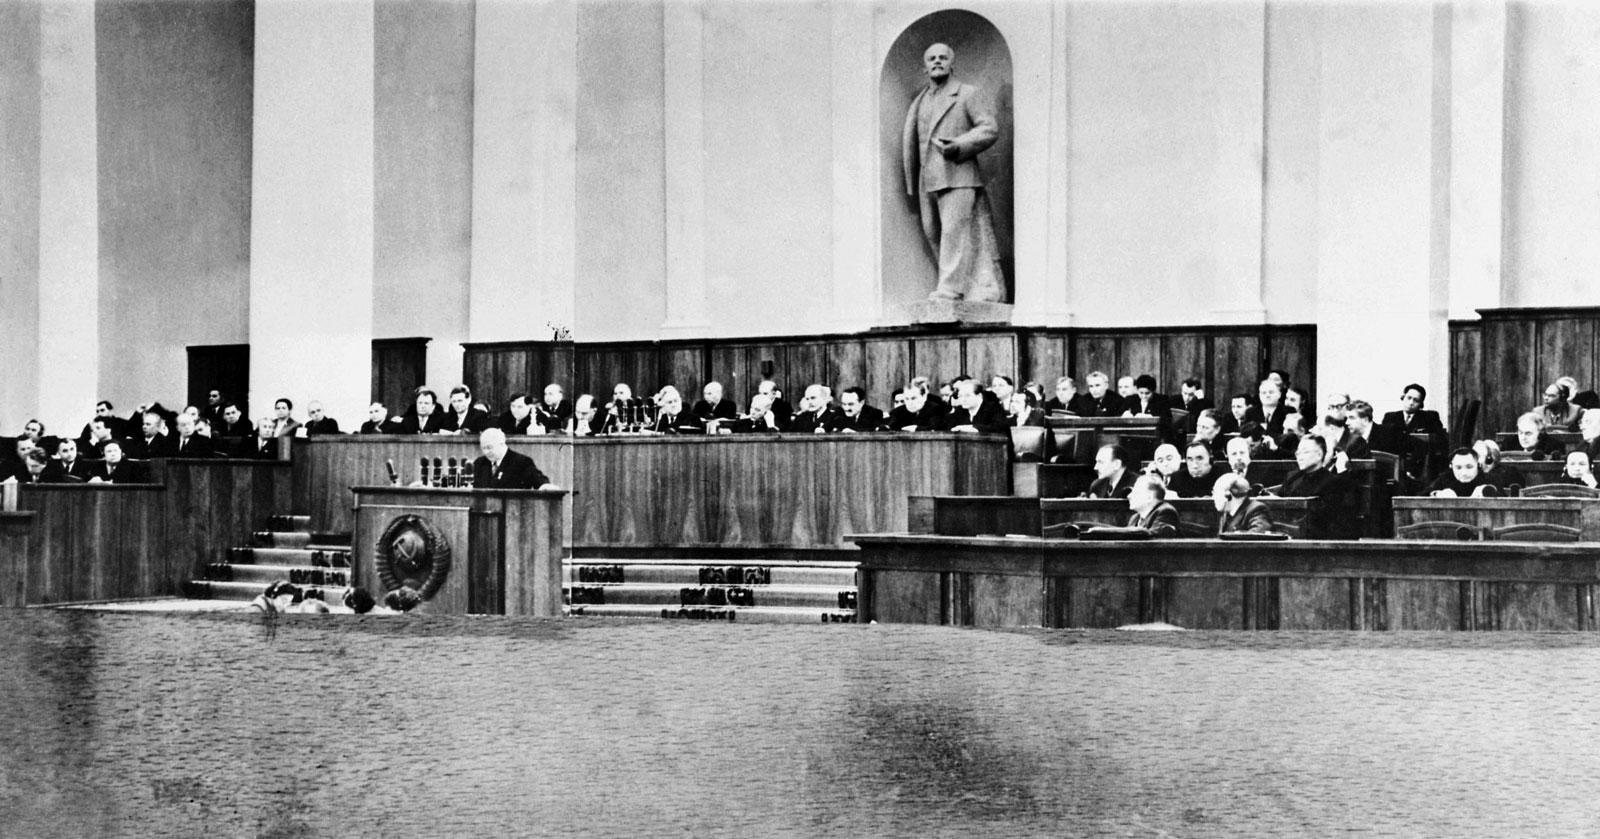 XX Congreso del Partido Comunista de la Unión Soviética (DP)